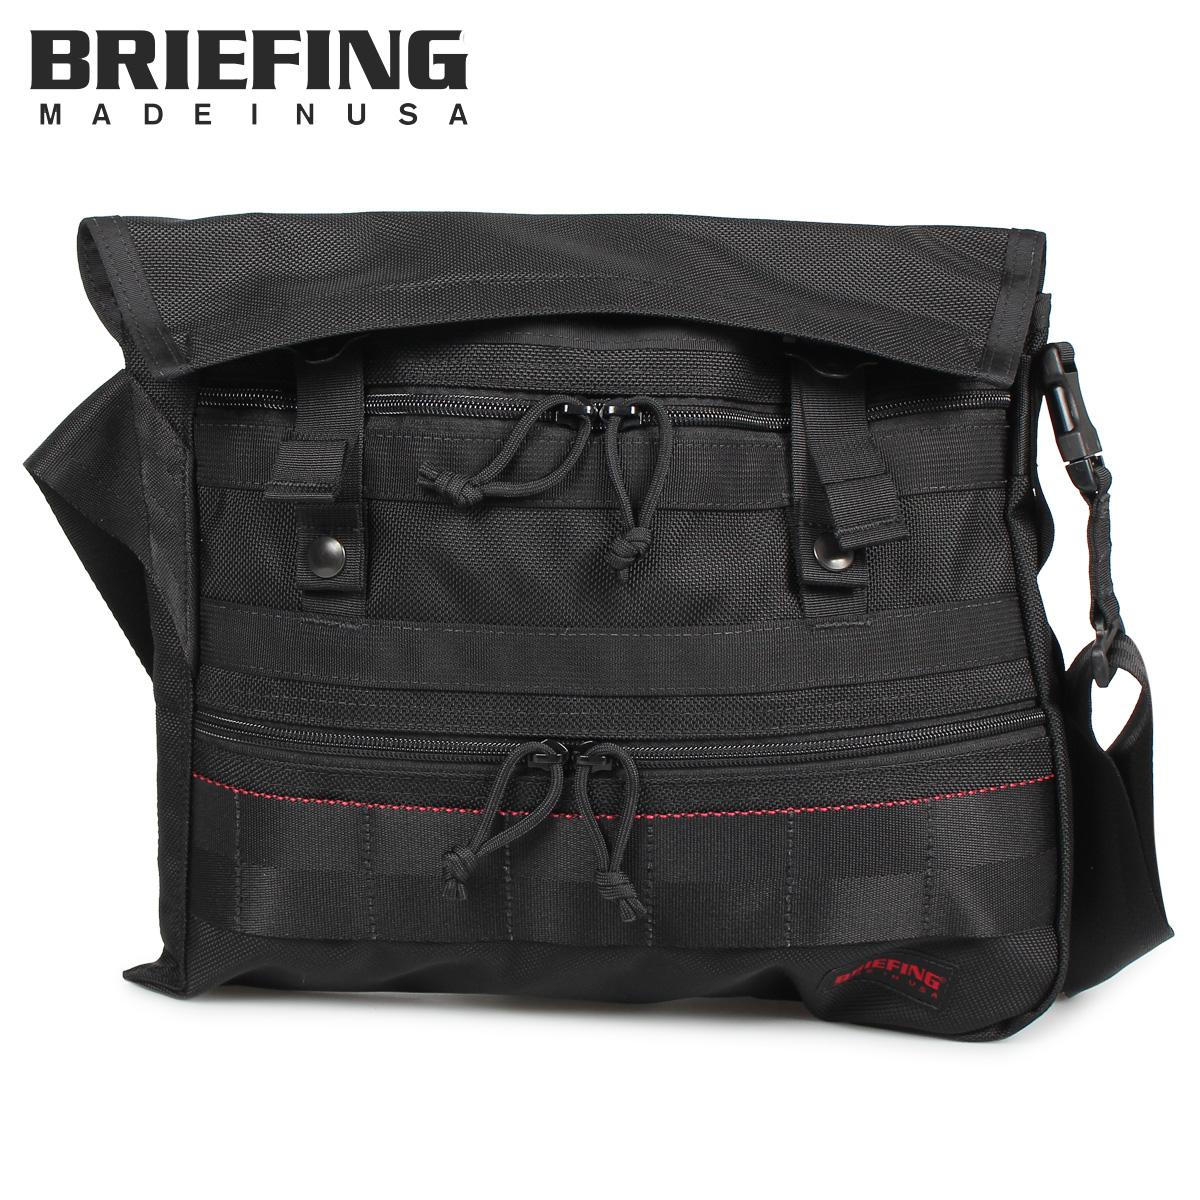 BRIEFING ブリーフィング ネオ バッグ ショルダーバッグ サコッシュ メンズ レディース NEO T-SHOULDER ブラック 黒 BRM181201